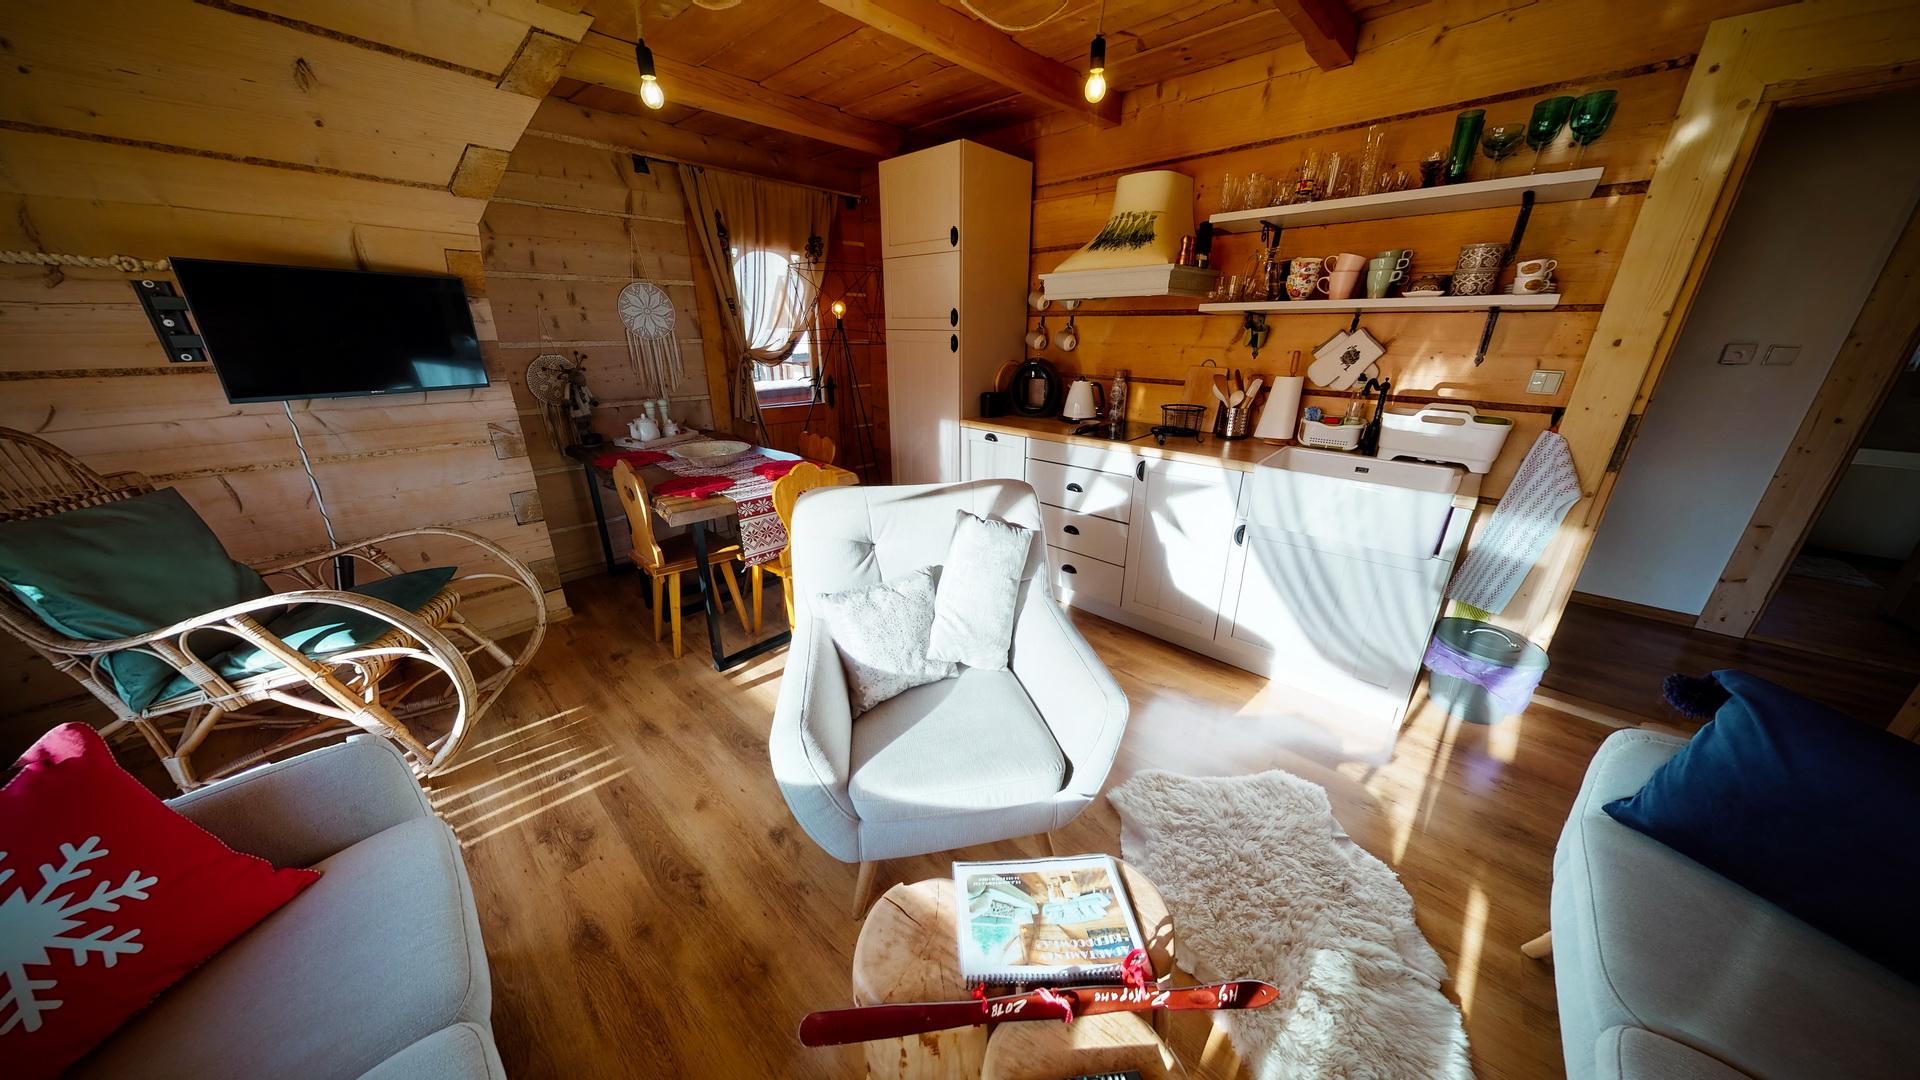 wirtualny spacer góralska chata